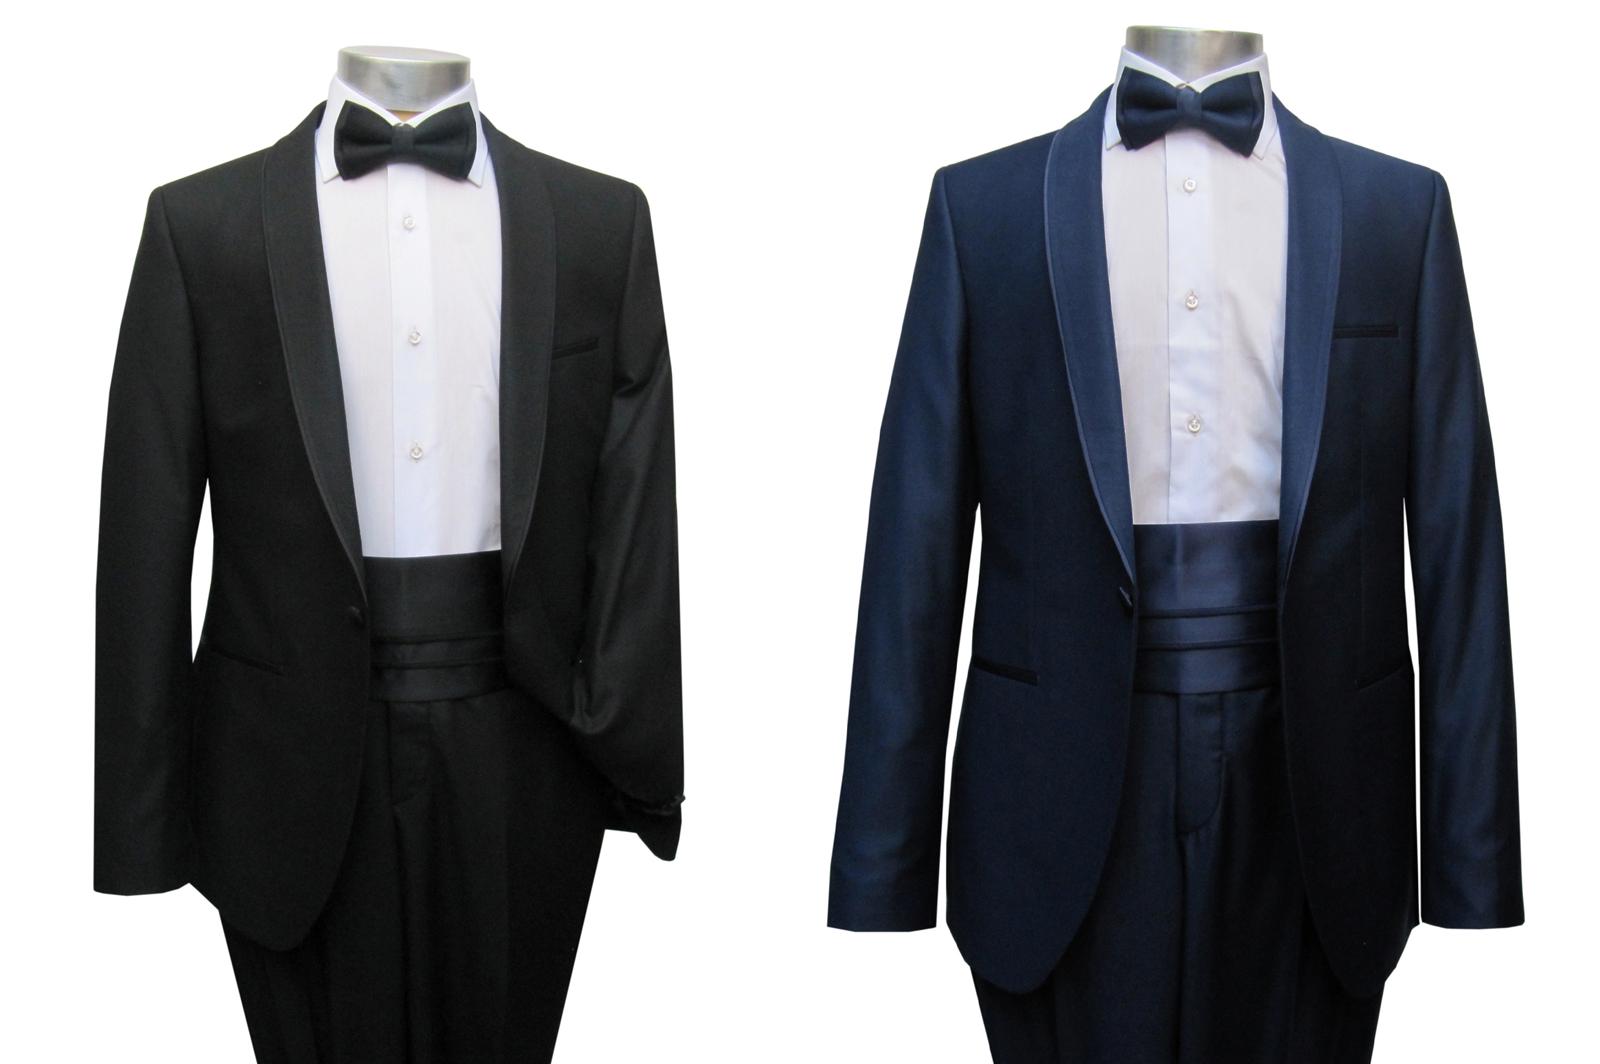 Hochzeitsanzug muga herrenausstatter hochzeit for Hochzeitsanzug fliege